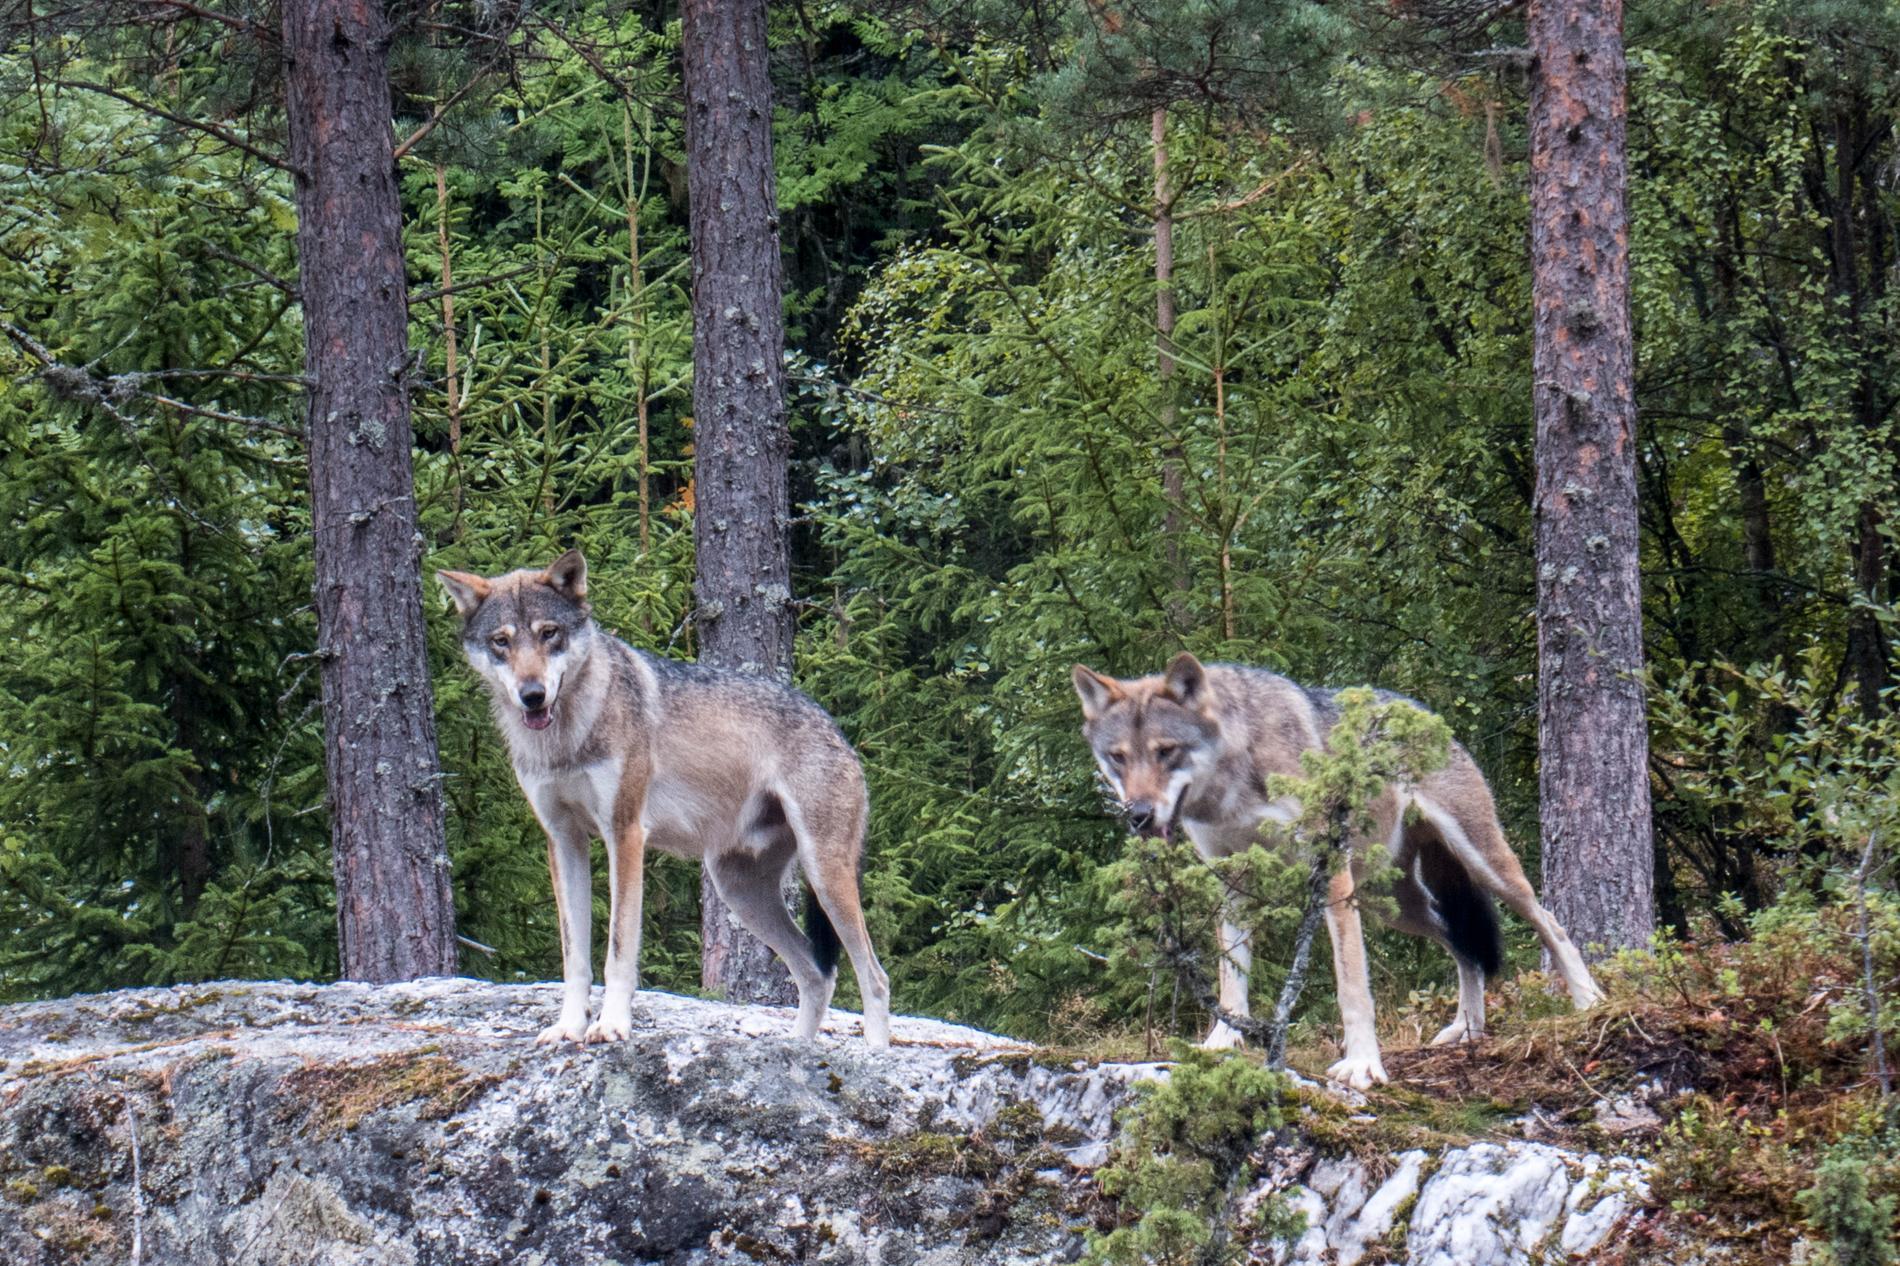 Två vargar sköts efter attacken. Vargarna på bilden har inget med händelsen att göra.